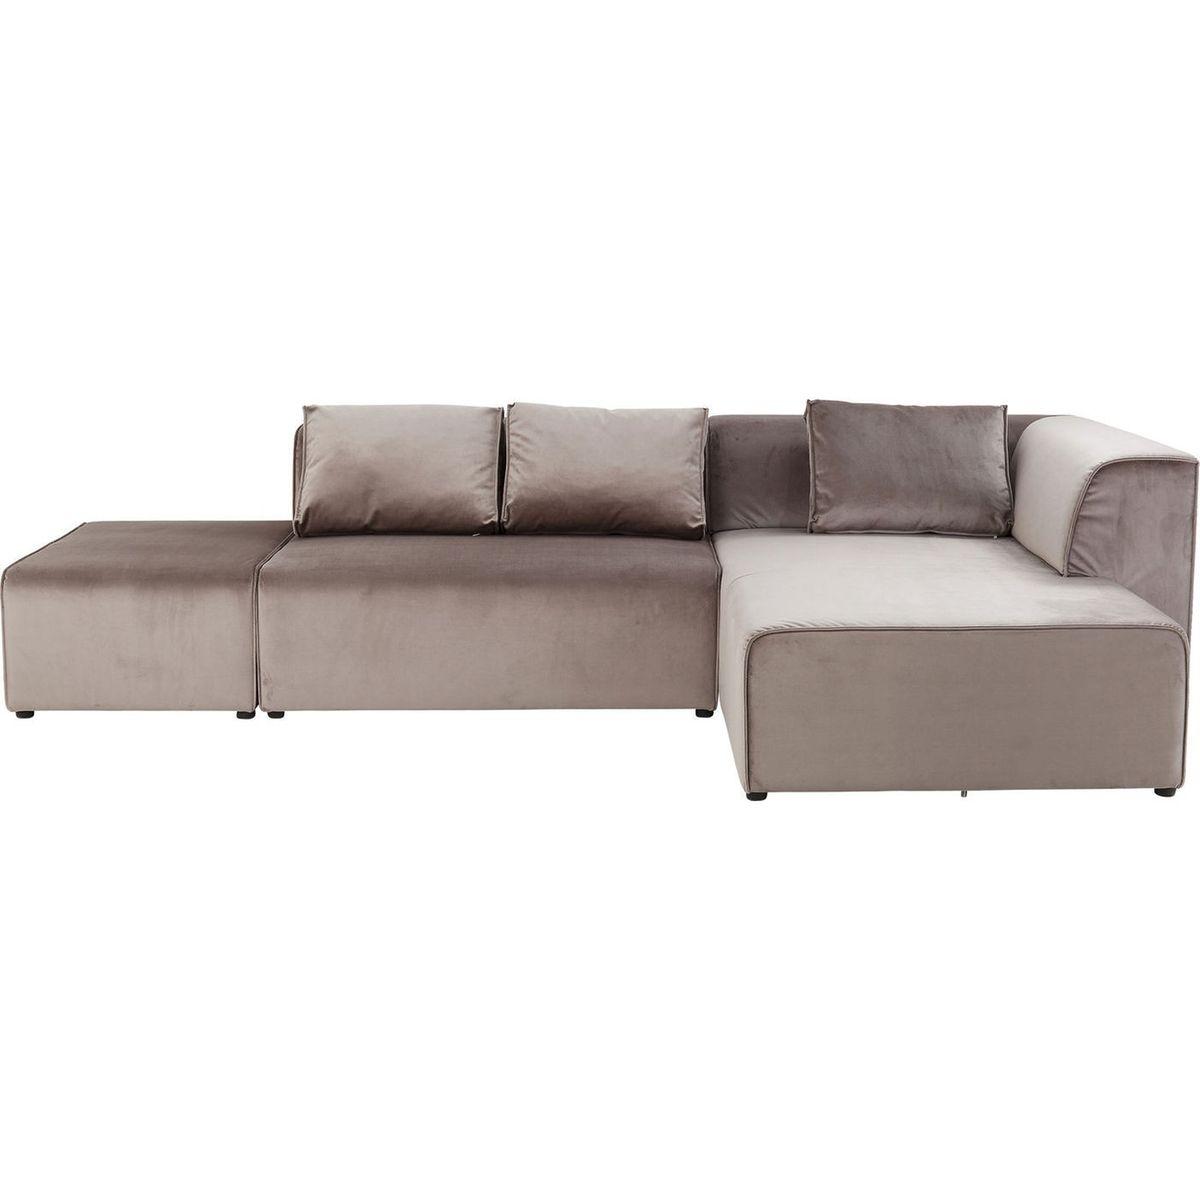 Canapé d'angle Infinity en velours droit Kare Design